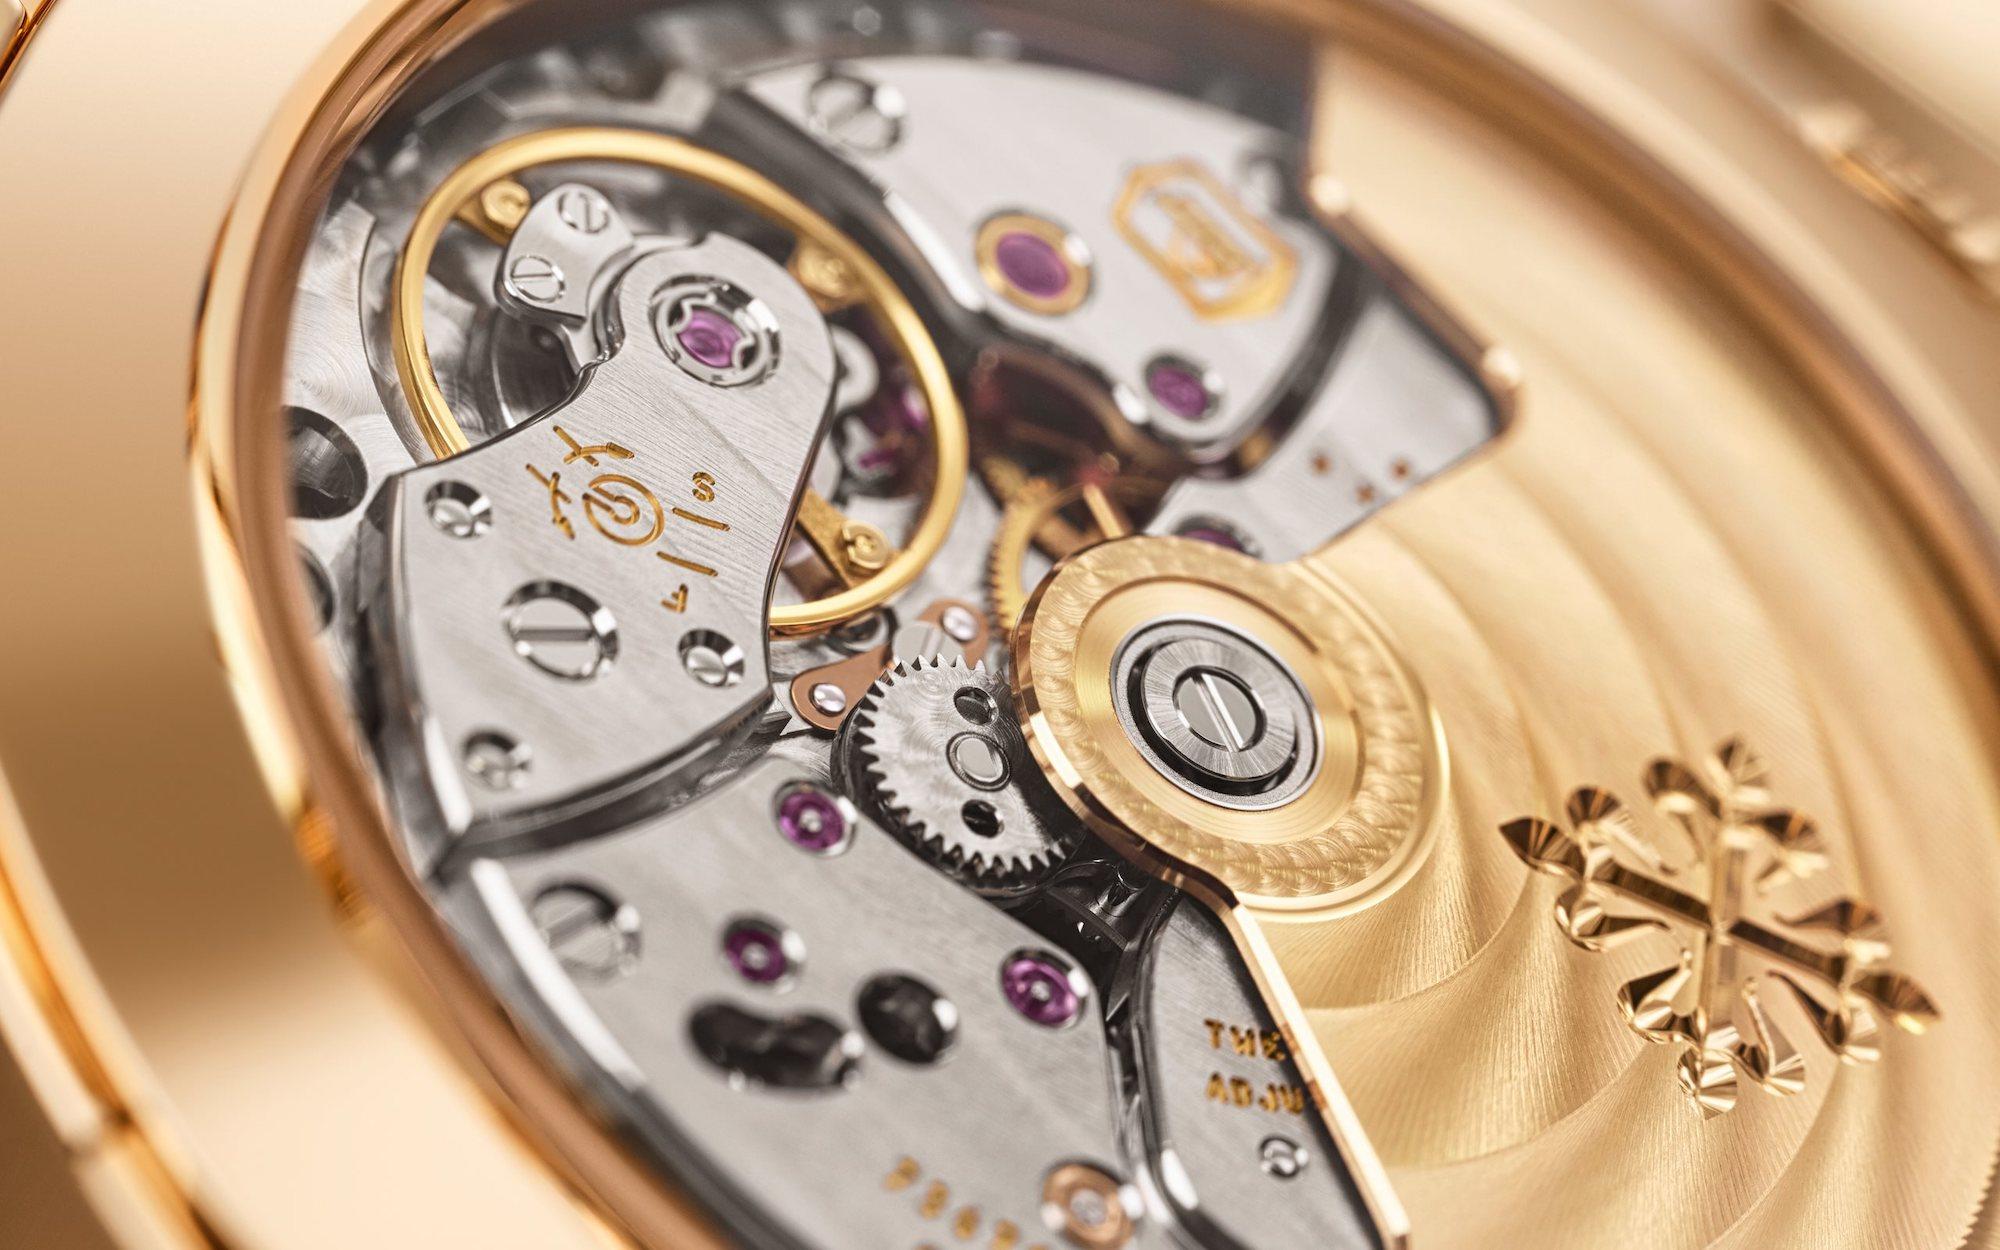 Patek Philippe Twenty-4 7300/1200R Detalle calibre